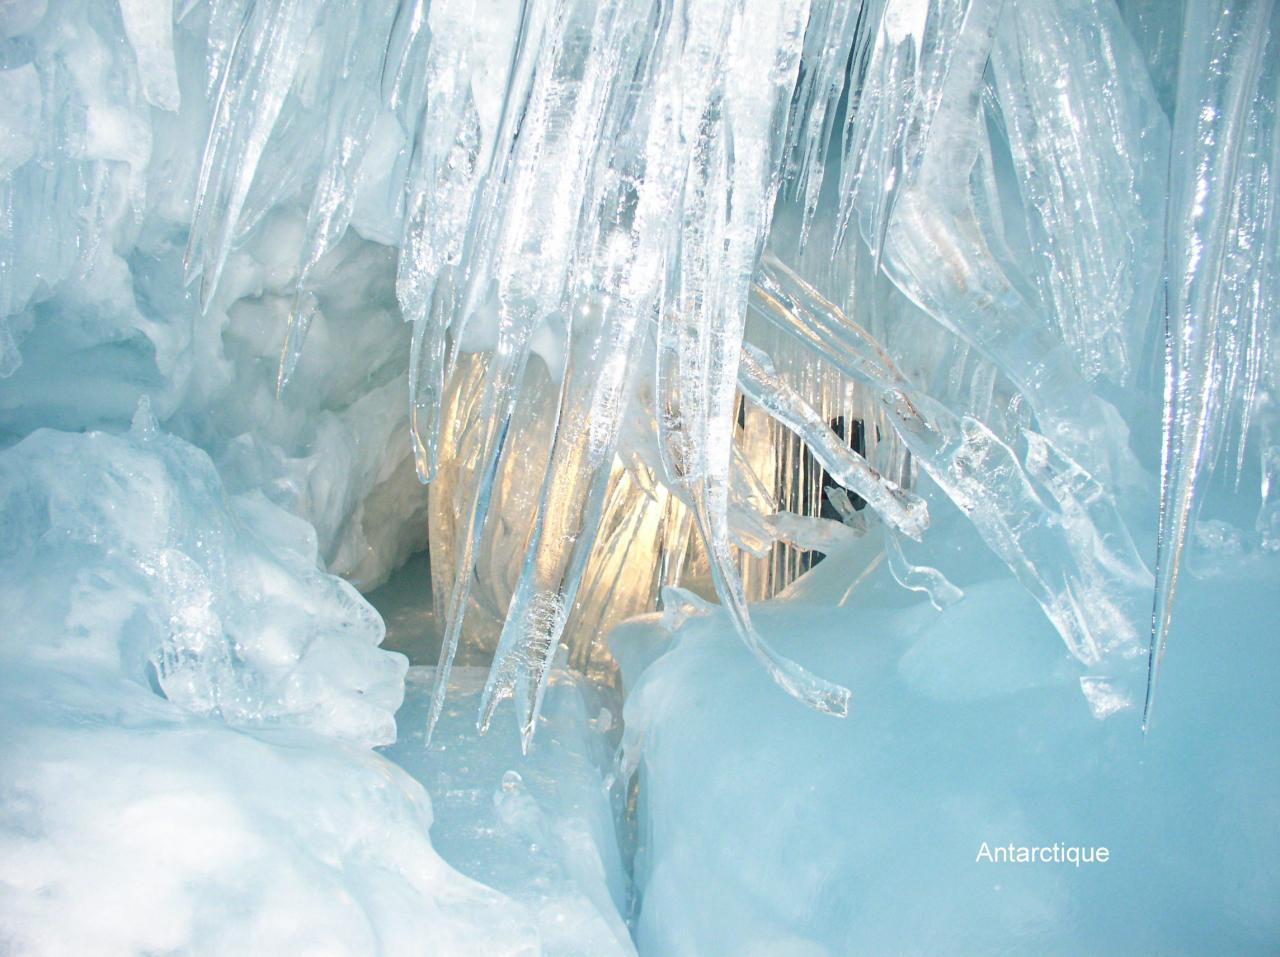 Antarctique crevasse 3